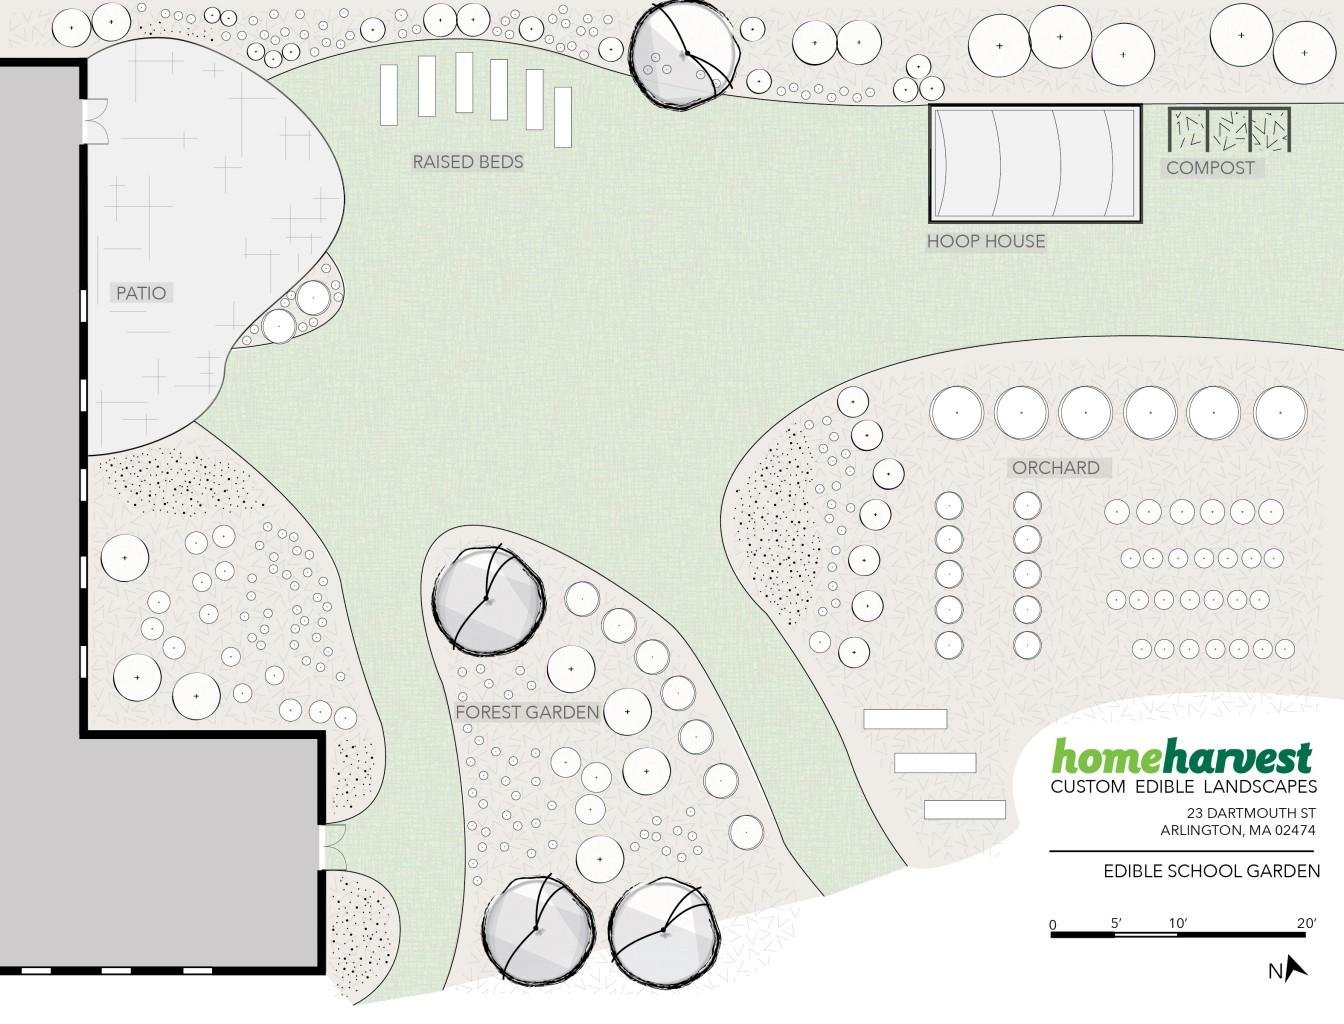 website-design-sketch_color-1344x1024.jpg